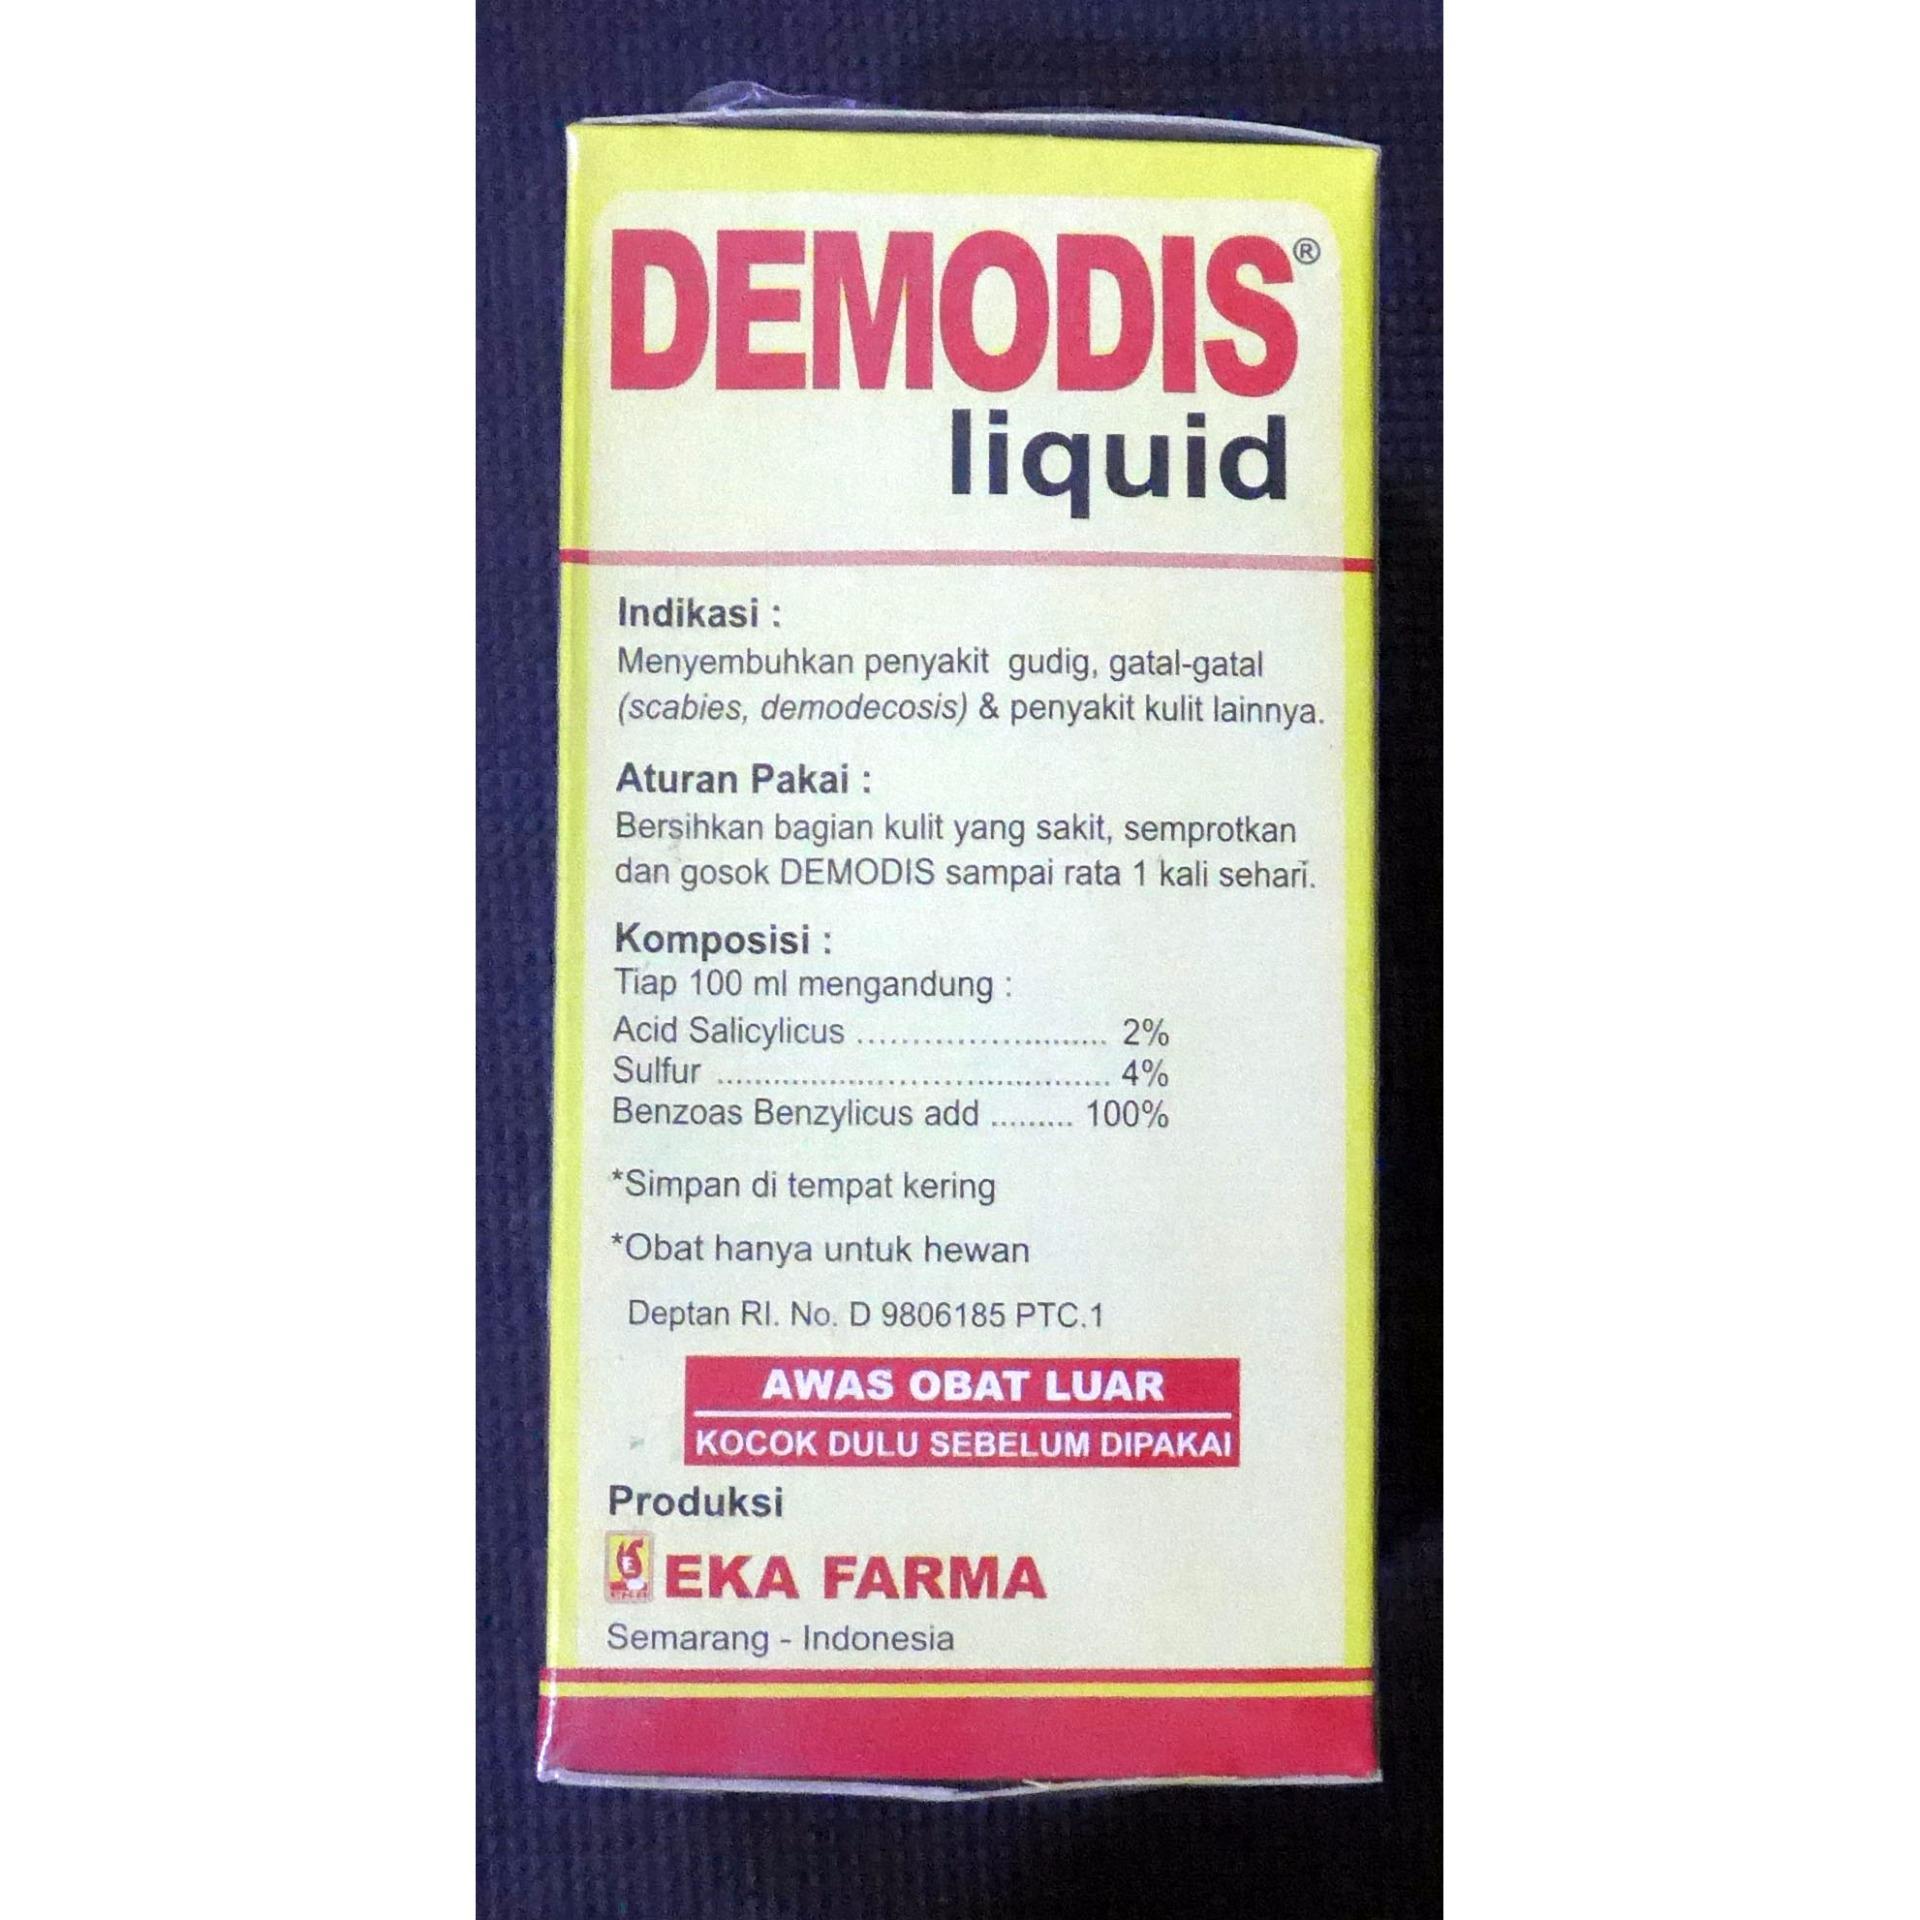 Ekafarma Demodis Liquid 100ml